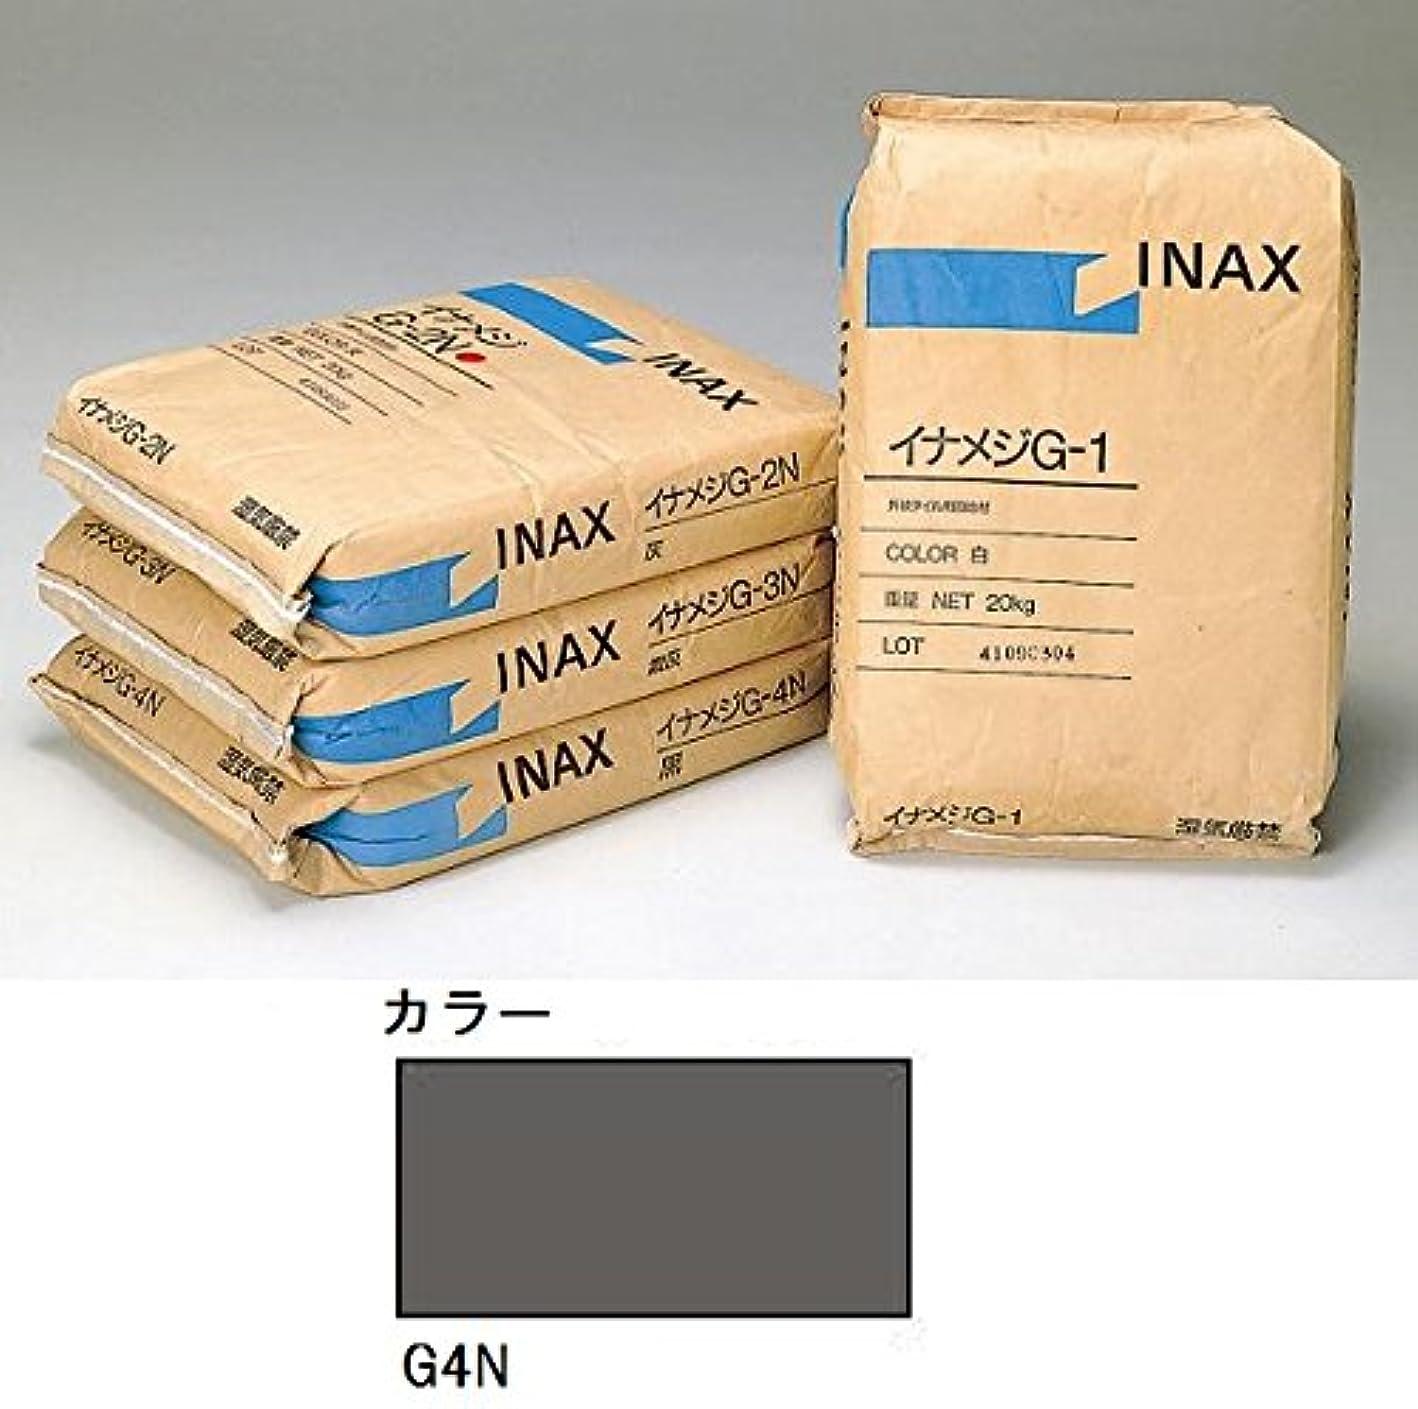 明らか移動する協定LIXIL INAX 外装用目地材(黒) イナメジG4N-20KG